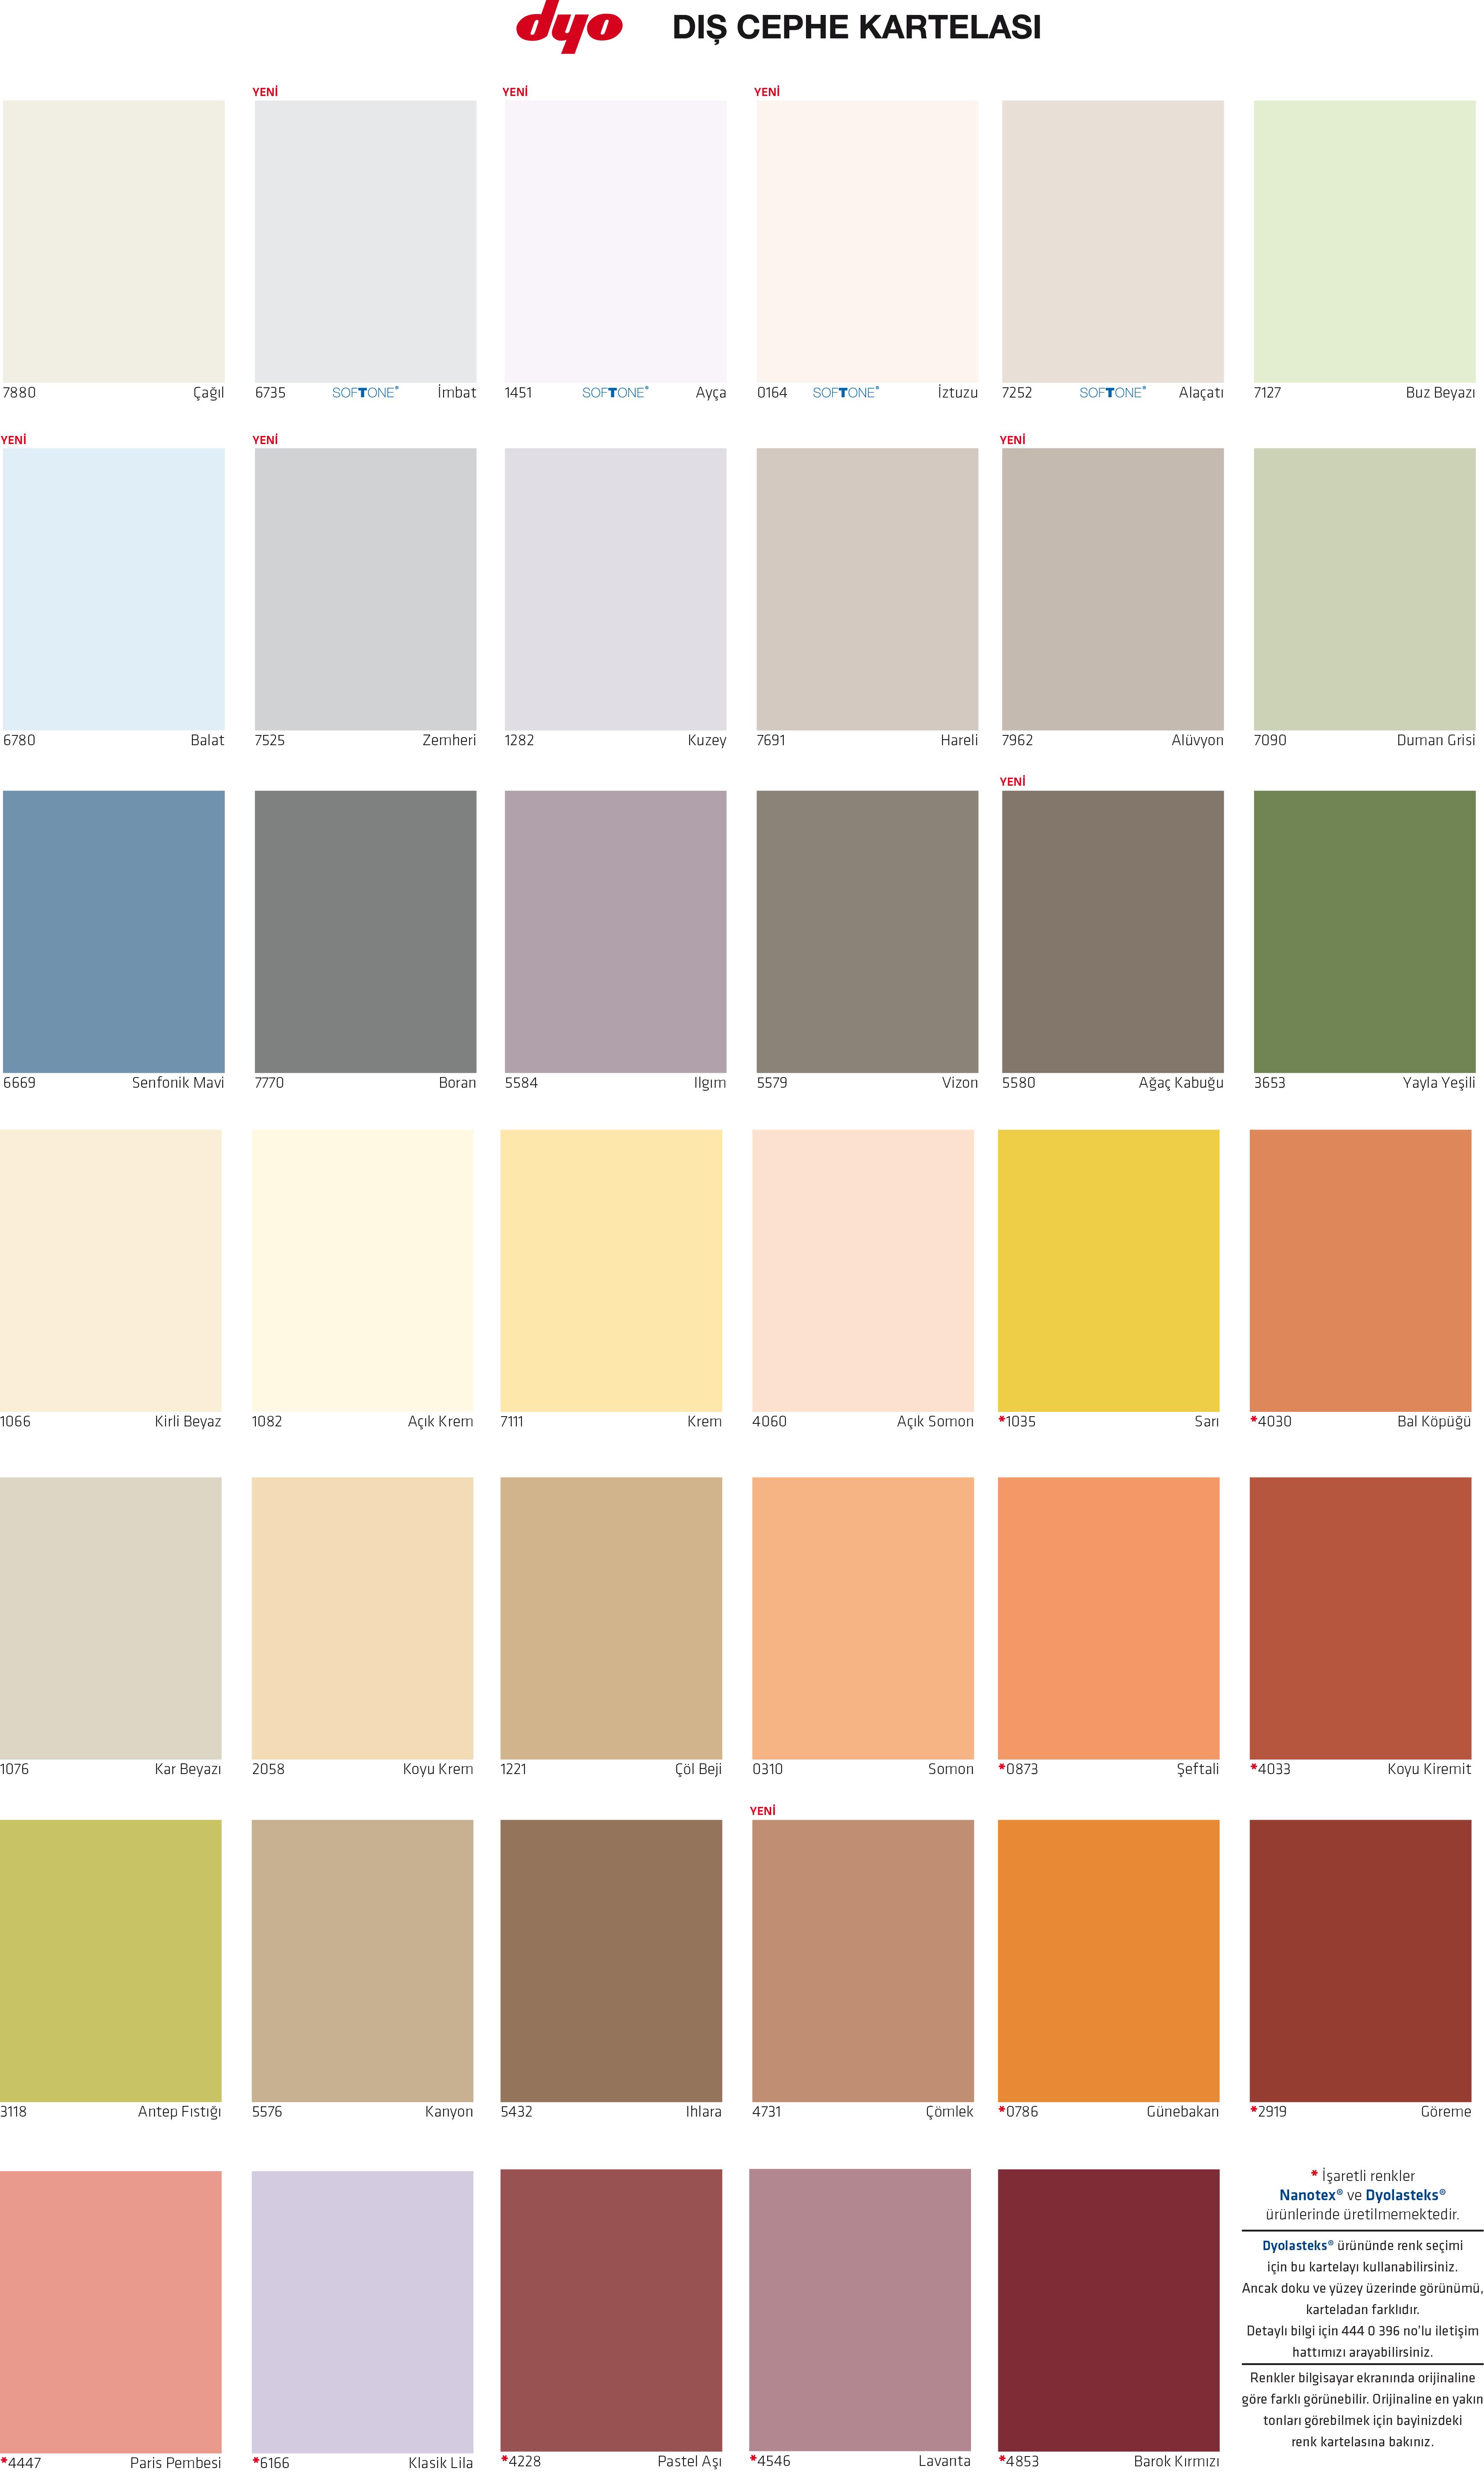 Dyo köpük rengi